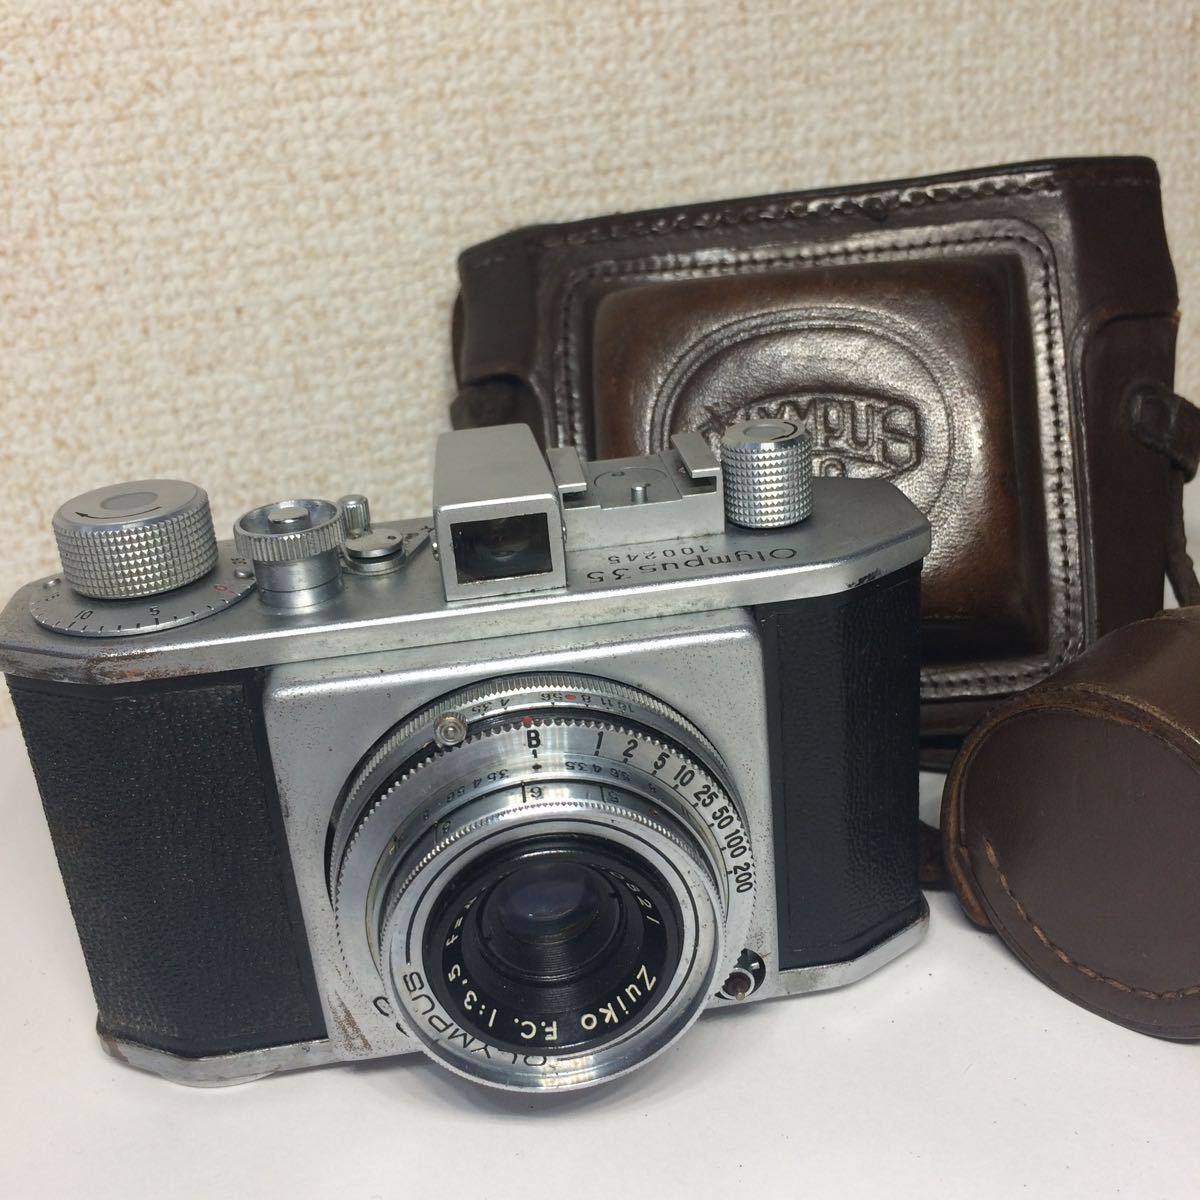 オリンパス OLYMPUS 35 コパル COPAL レンズ Zuiko F.C. 1:3.5 f=4cm ケース付 860681 mn0408_画像1